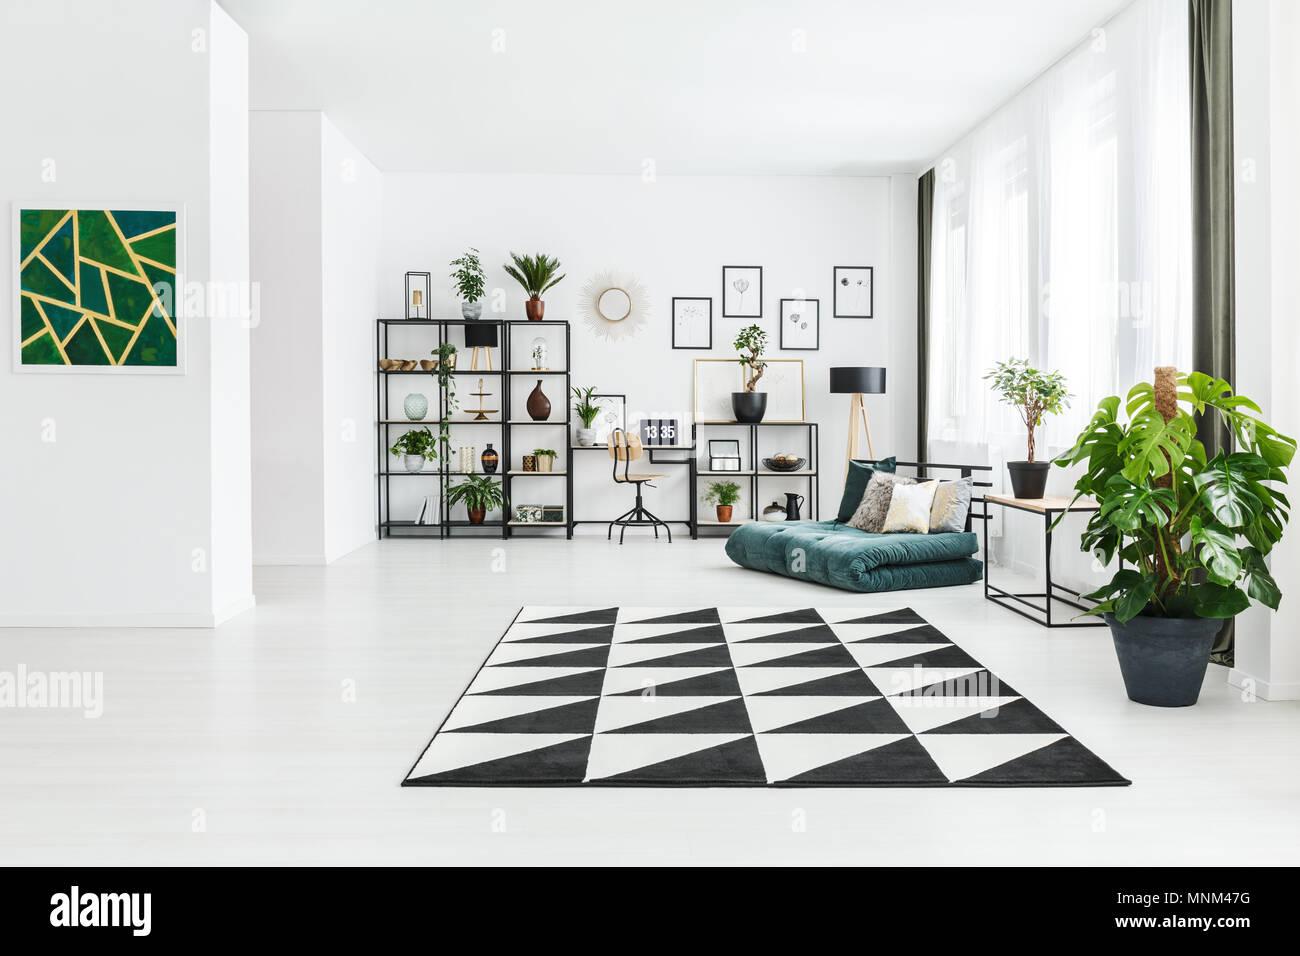 Et l'usine de peinture verte à l'intérieur spacieux appartement avec matelas et tapis géométriques Photo Stock